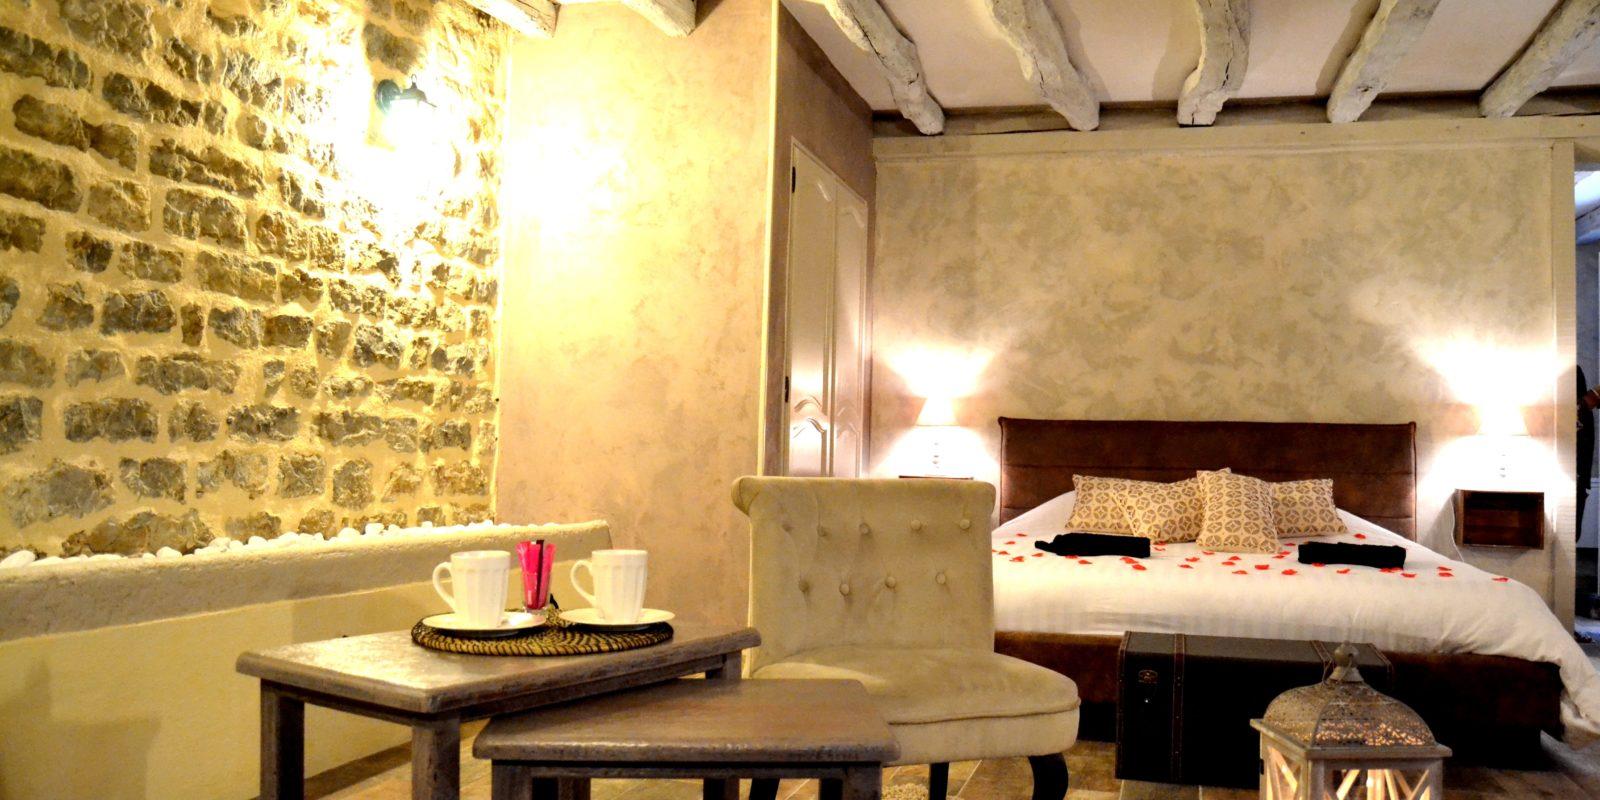 lit de la suite Bacchus avec fauteuils et tables